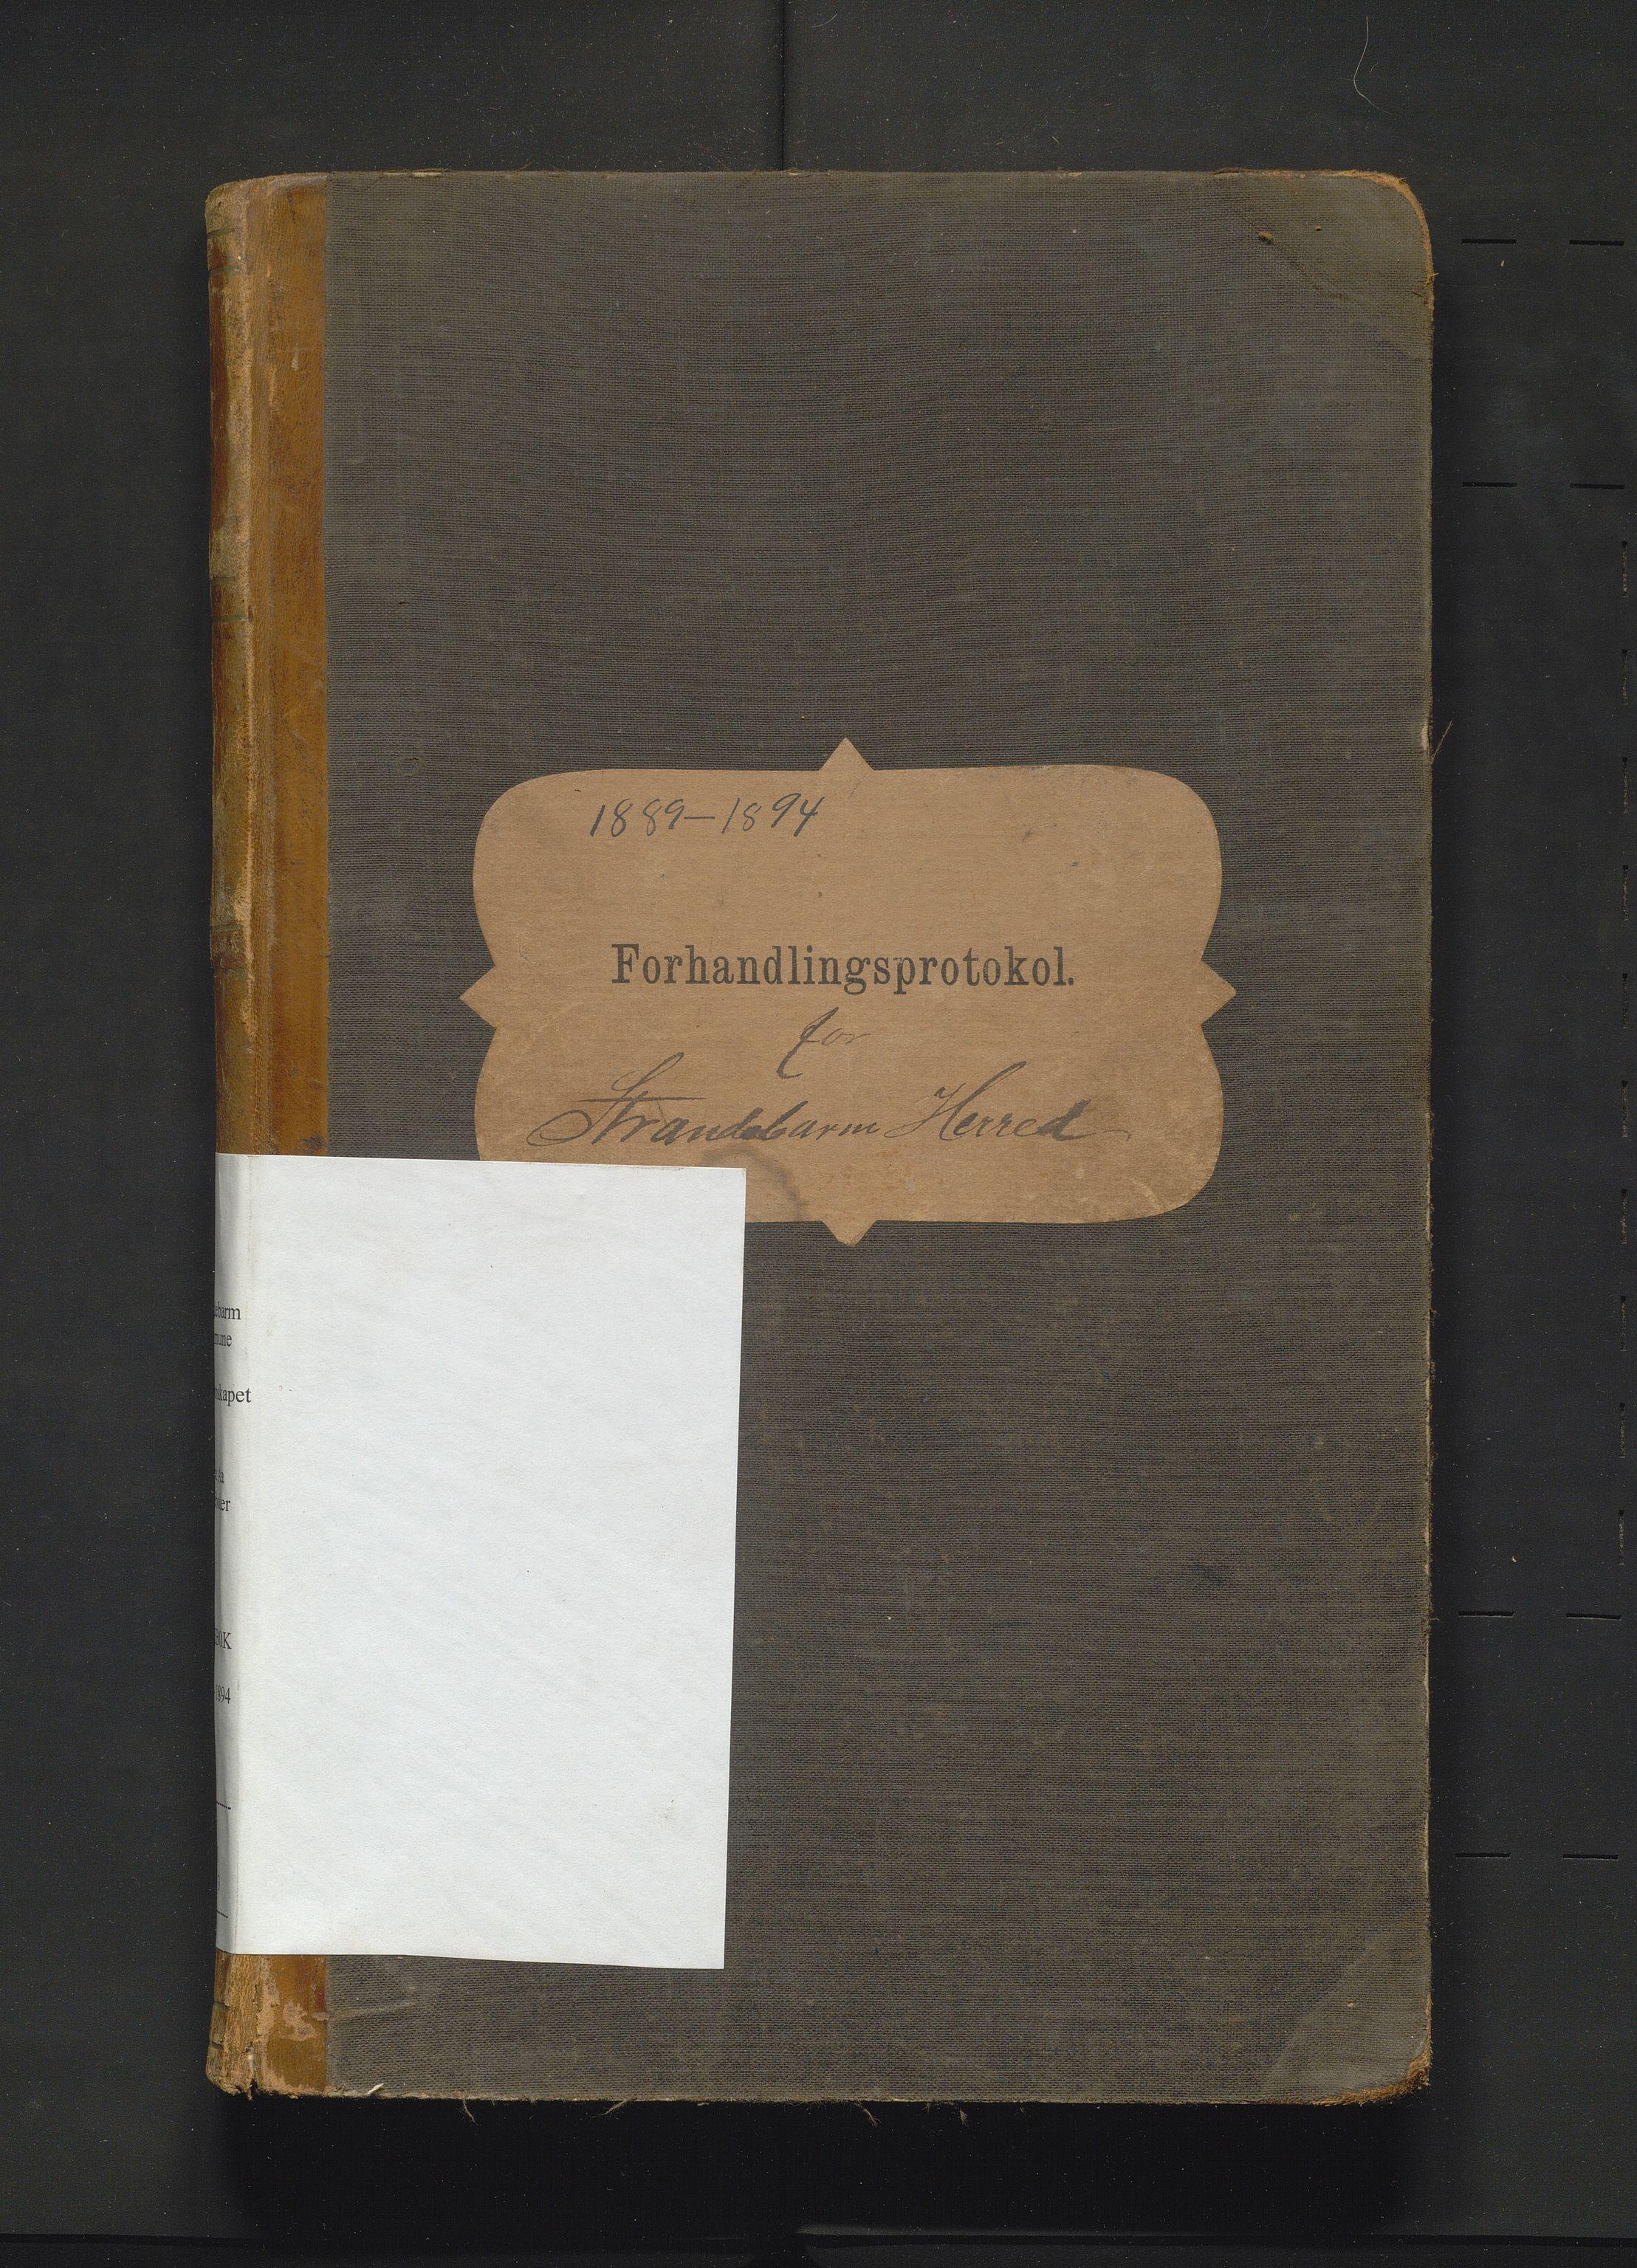 IKAH, Strandebarm kommune. Formannskapet, A/Aa/L0003: Møtebok for formannskap og heradsstyre, 1889-1894